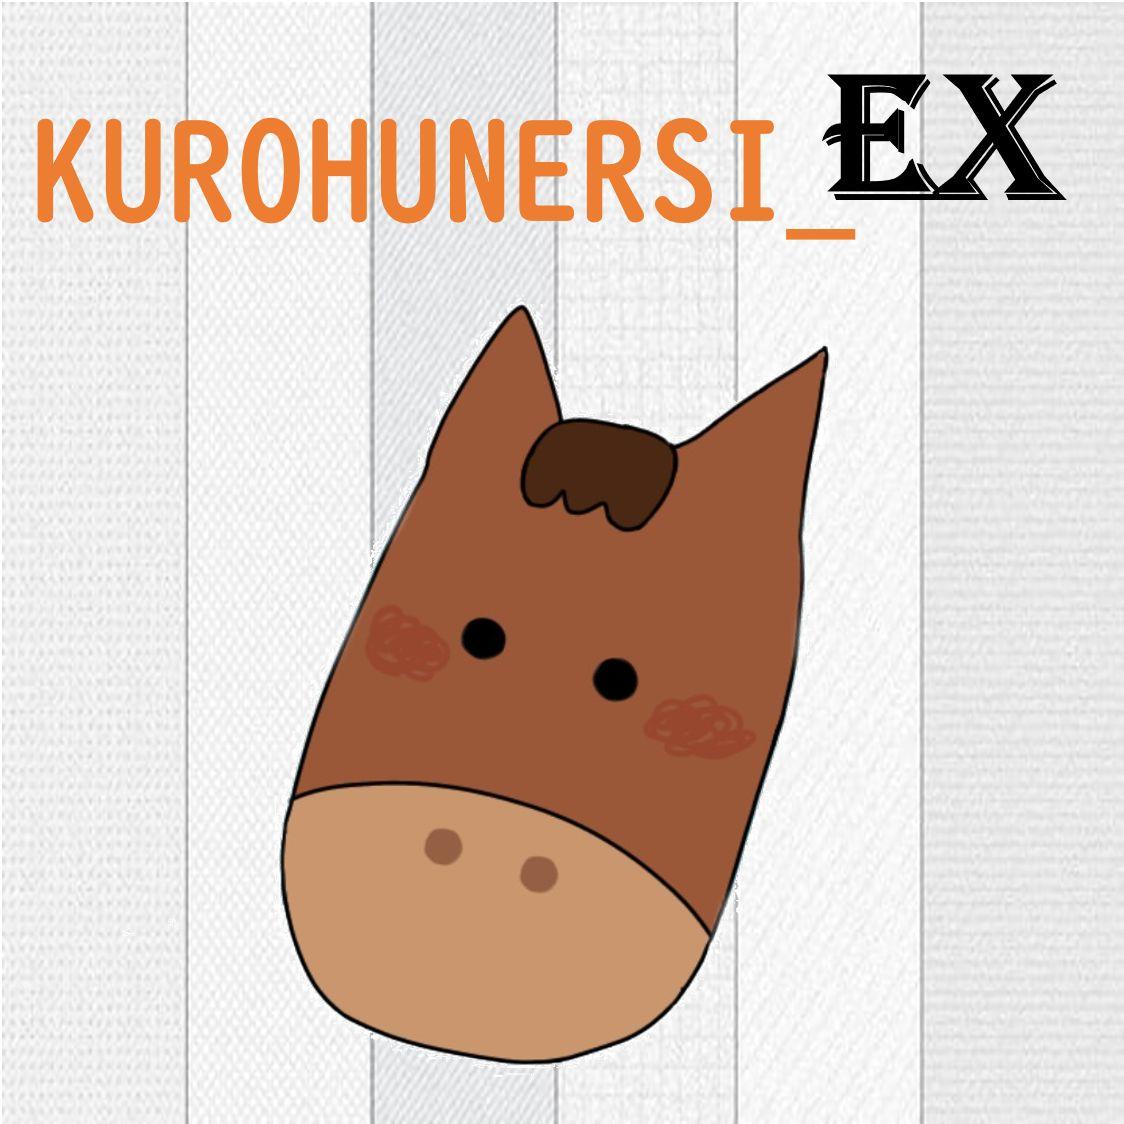 KUROHUNERSI_EX